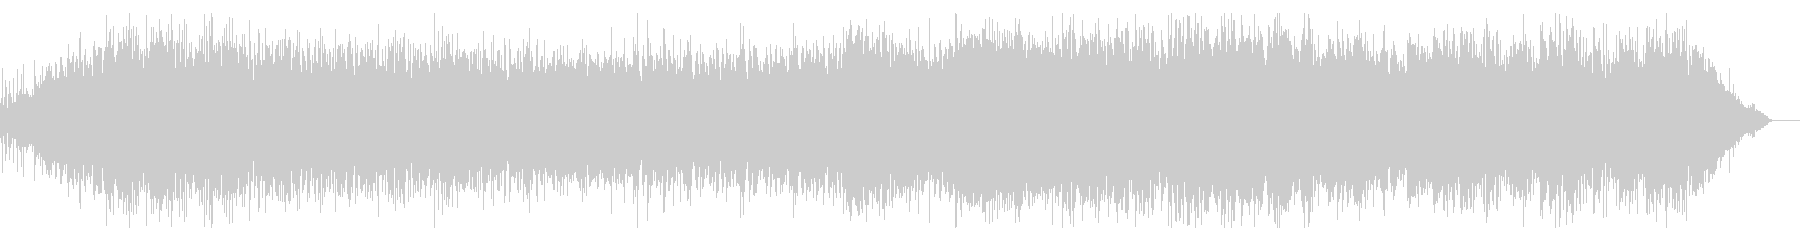 デジタルな雰囲気のシネマティックBGMの未再生の波形